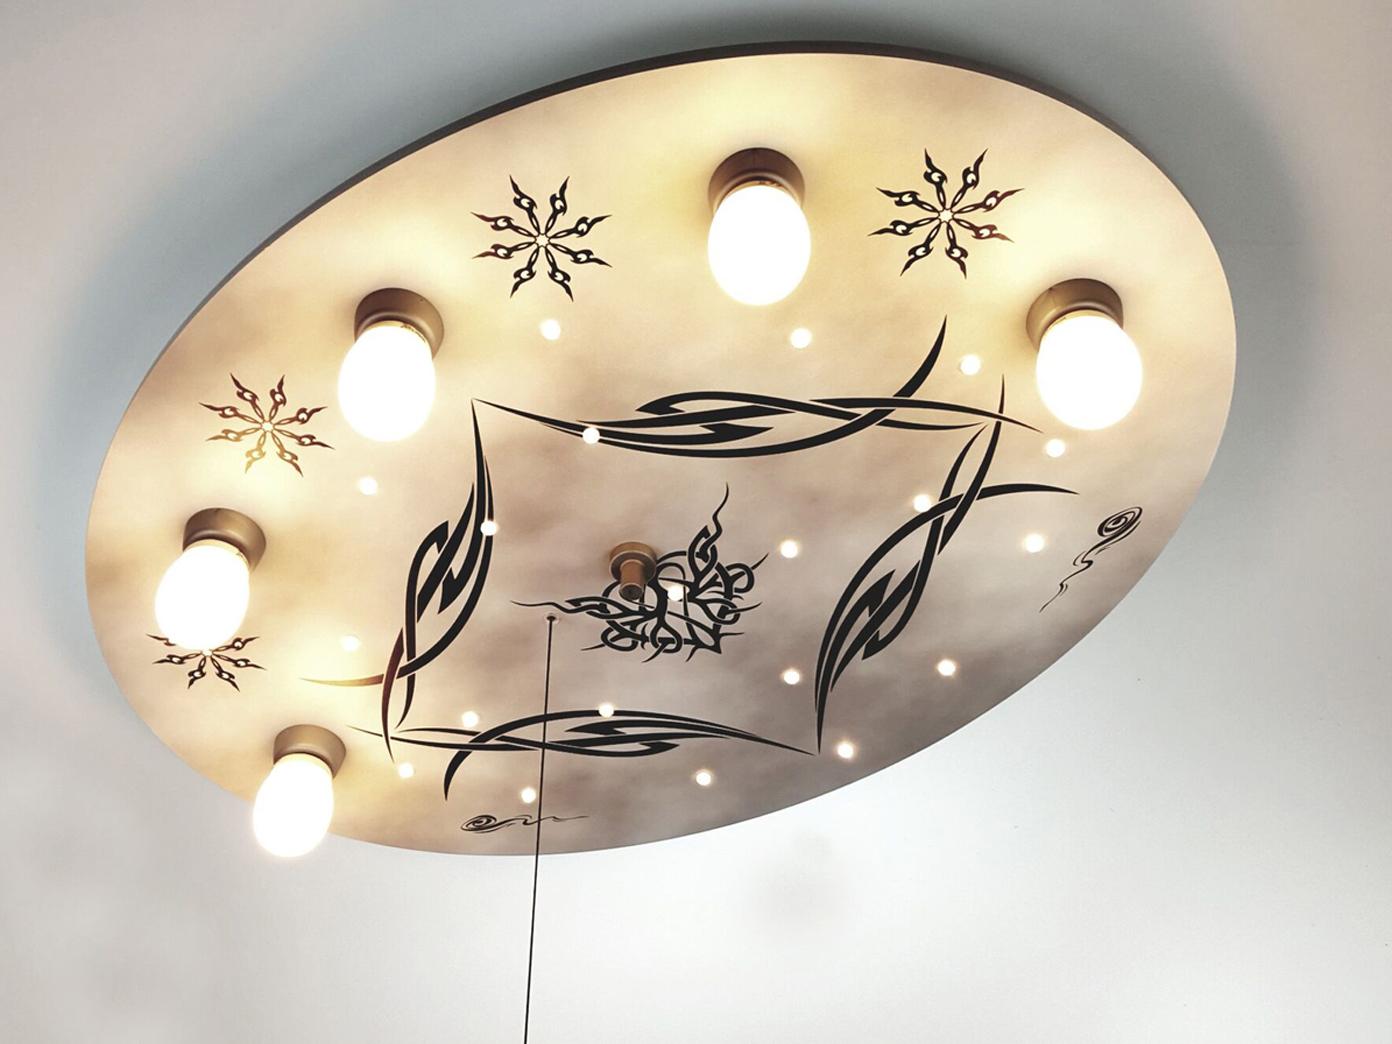 Deckenlampe Mit Zugschalter ~ Kinderzimmerlampe kinder deckenlampe gothic zugschalter für led